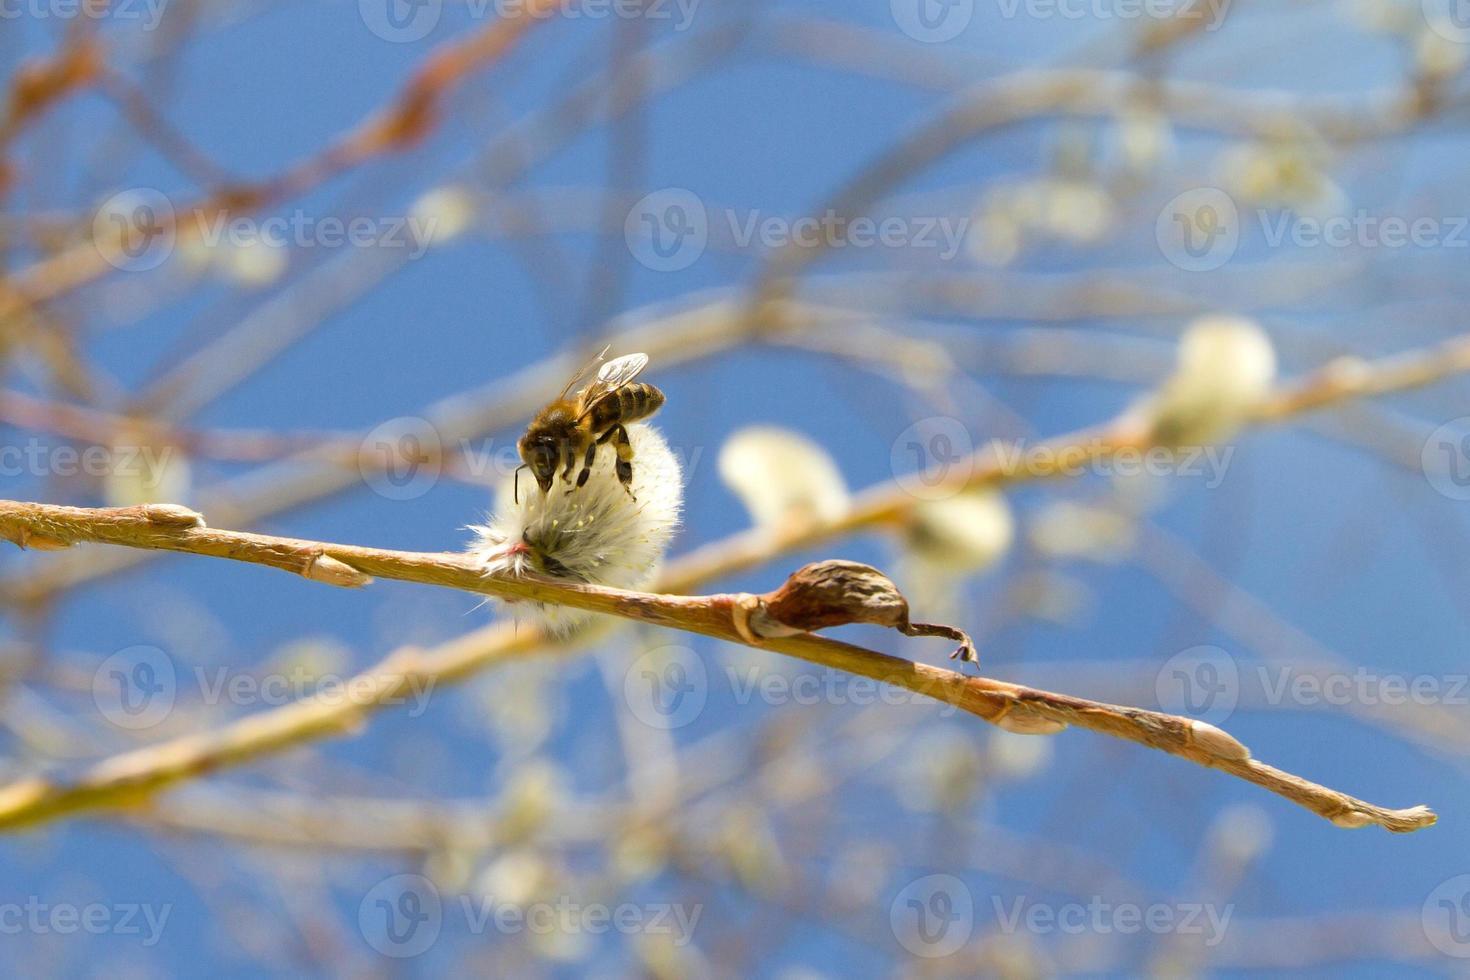 abeille sur une branche de saule photo